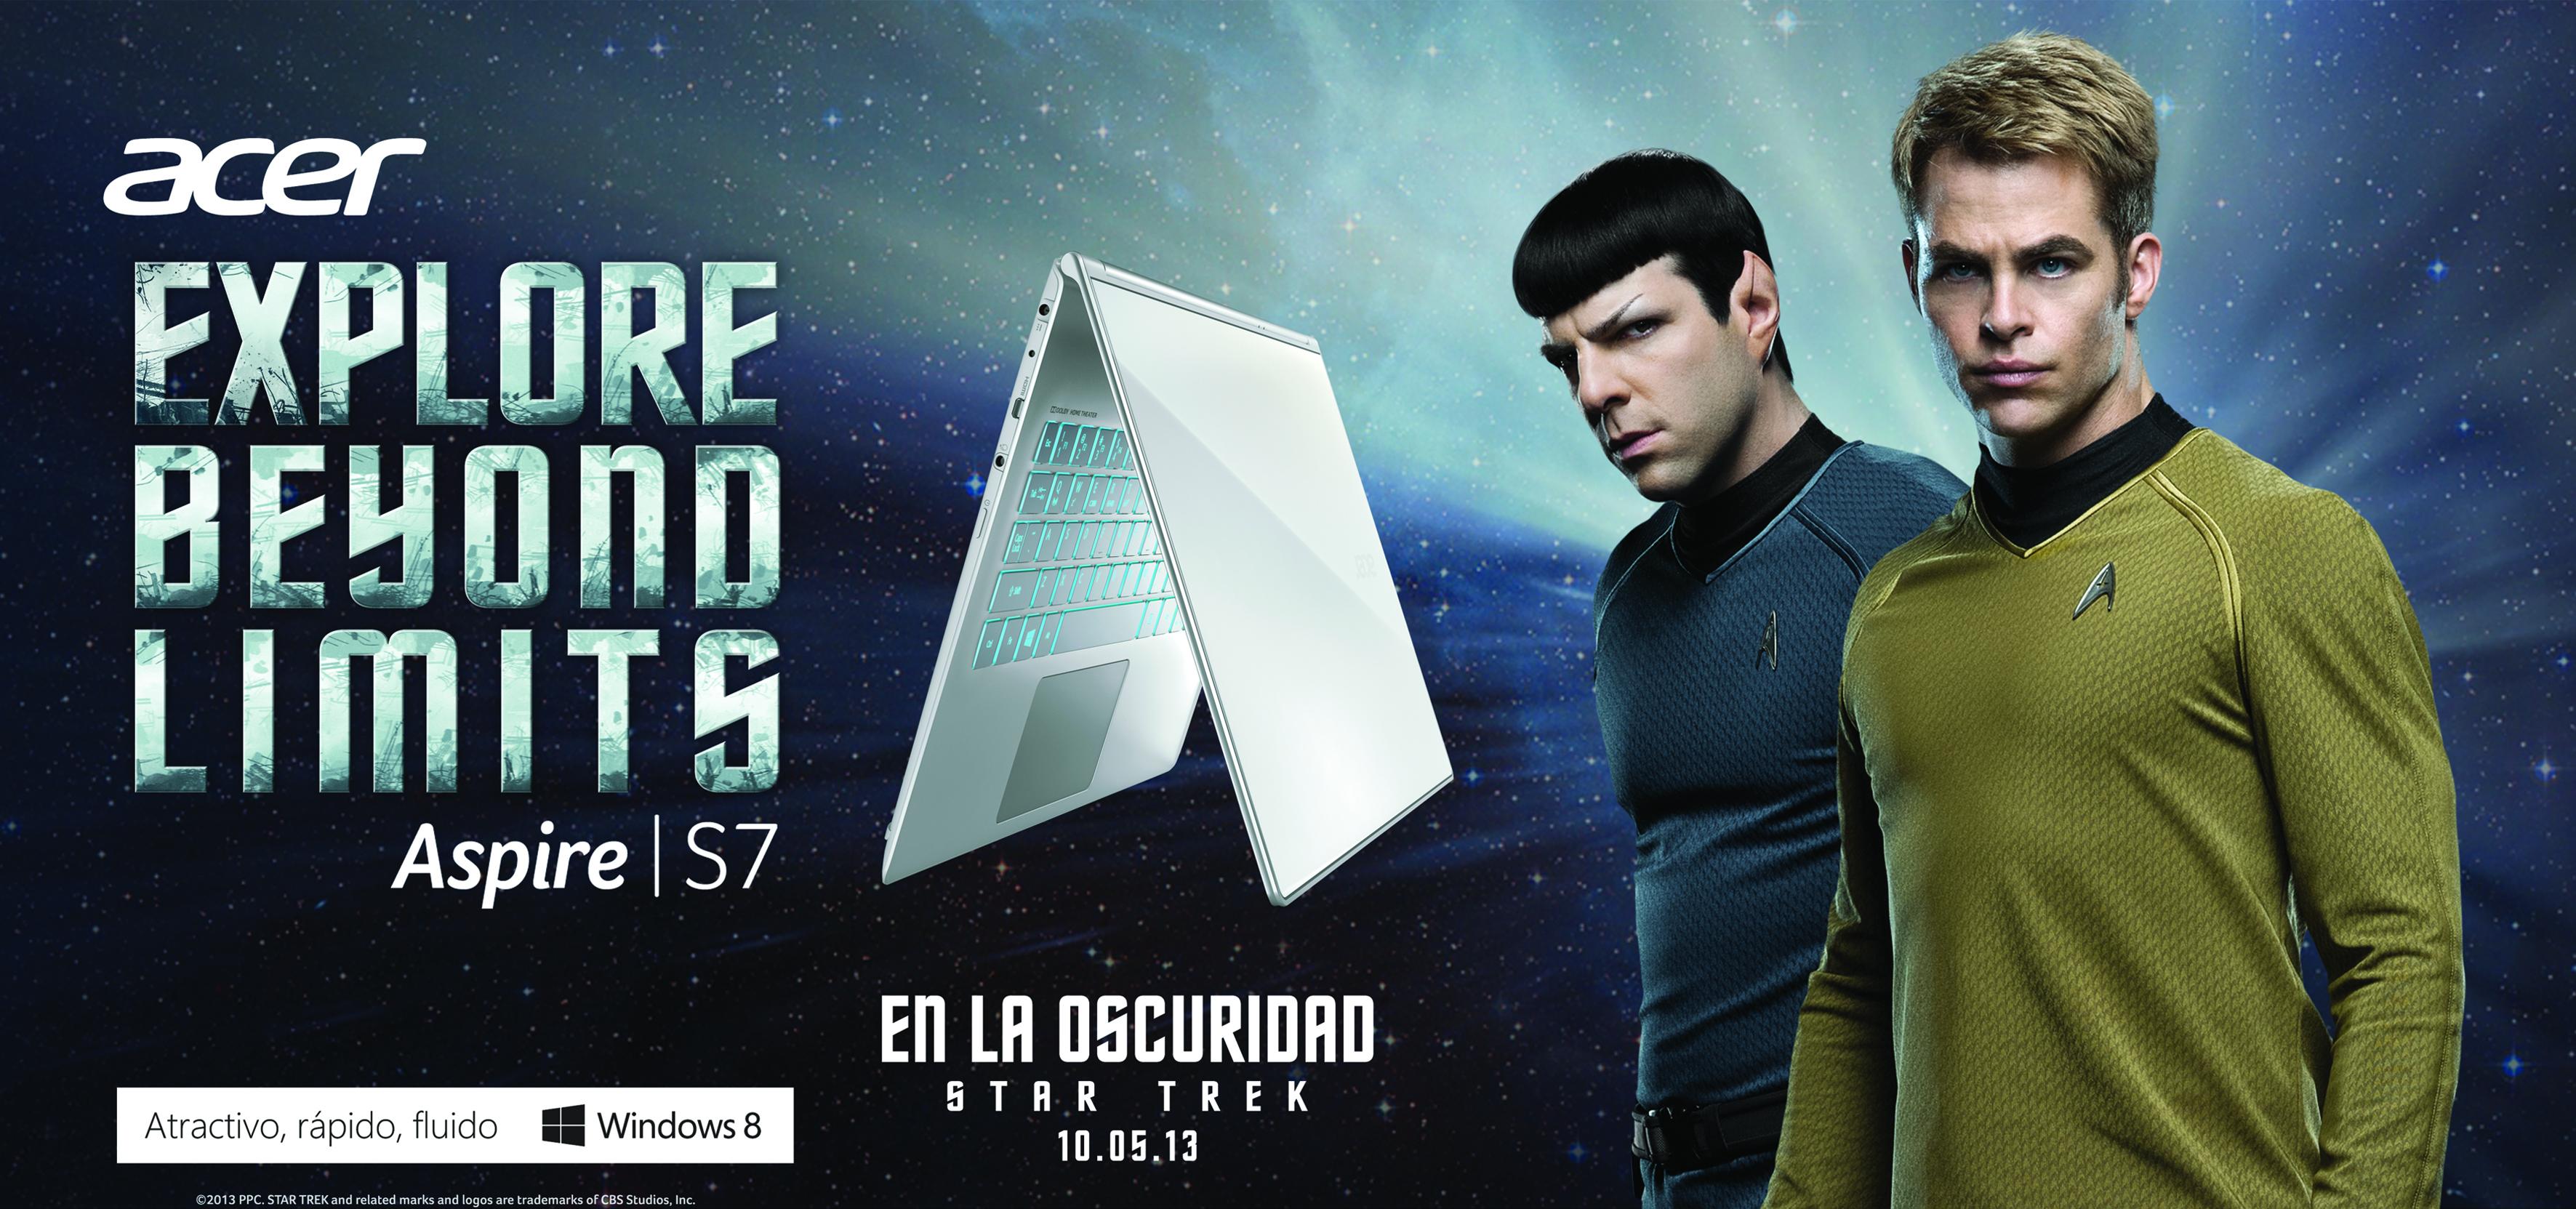 """Acer y Paramount Pictures unidos en la promoción de productos Acer móviles y la película """"Star Trek en la oscuridad"""""""